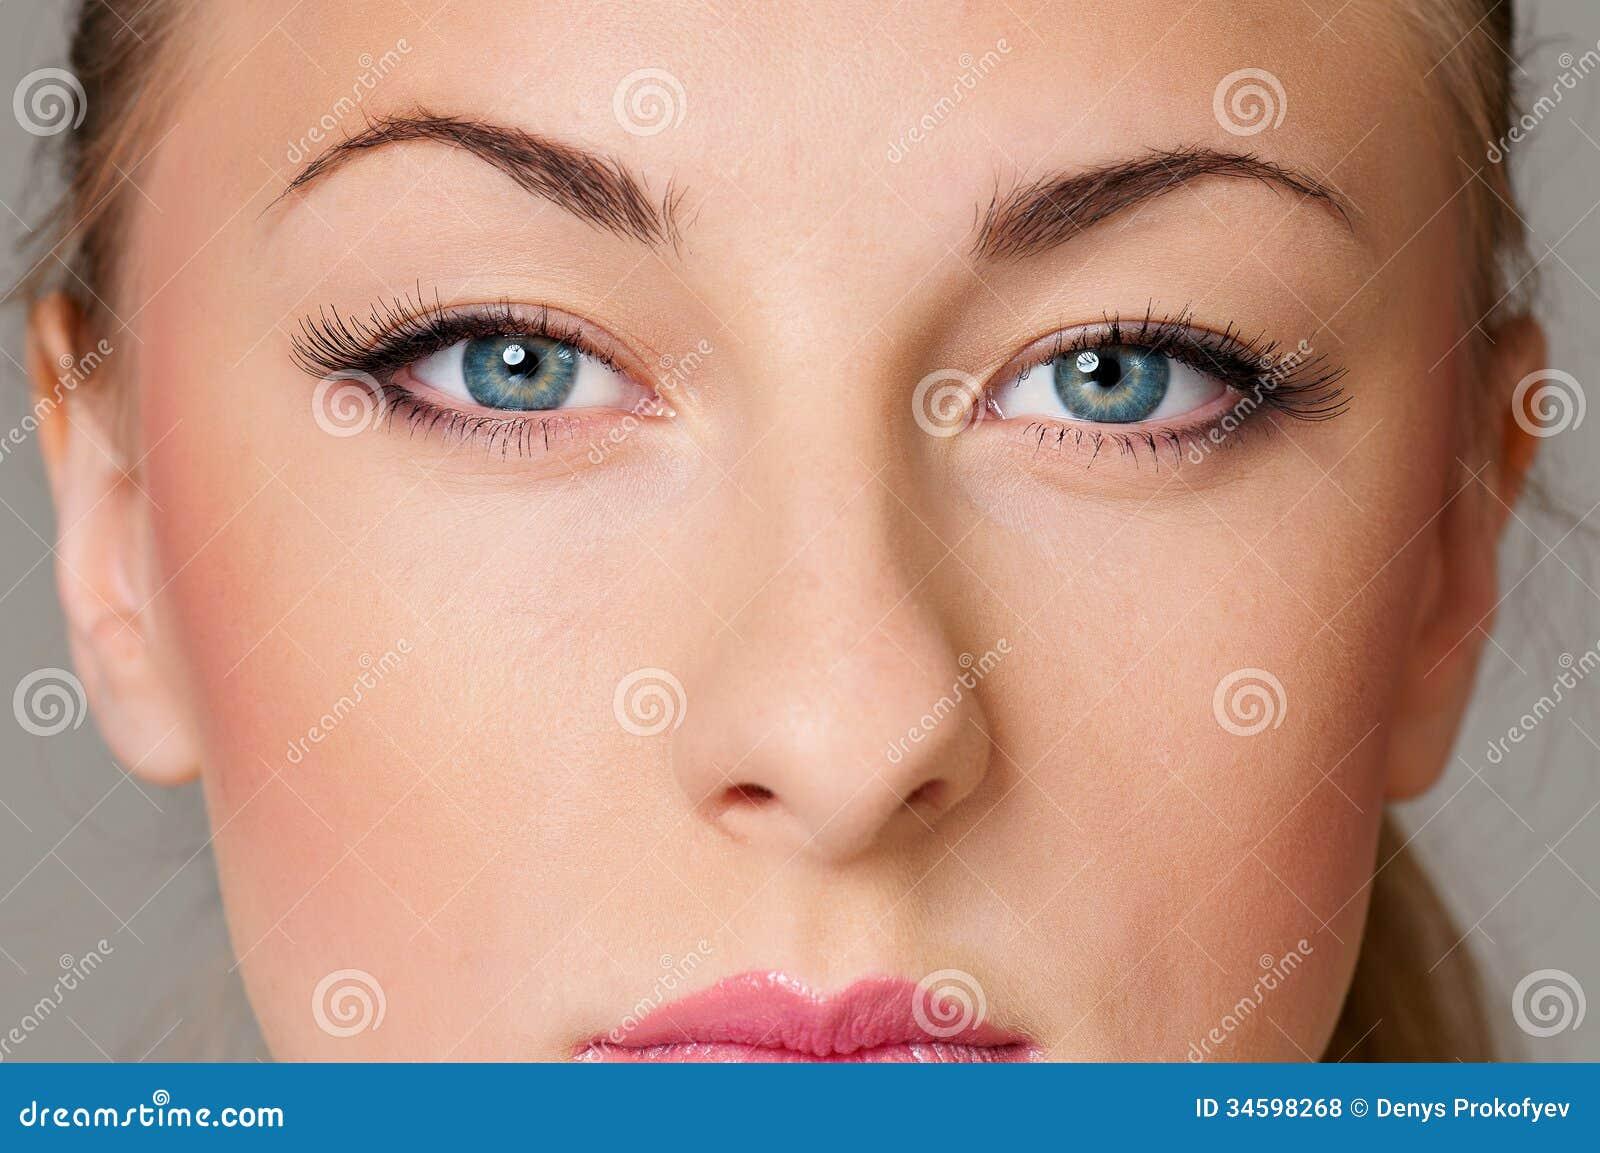 stunning eyes pink blue-#24